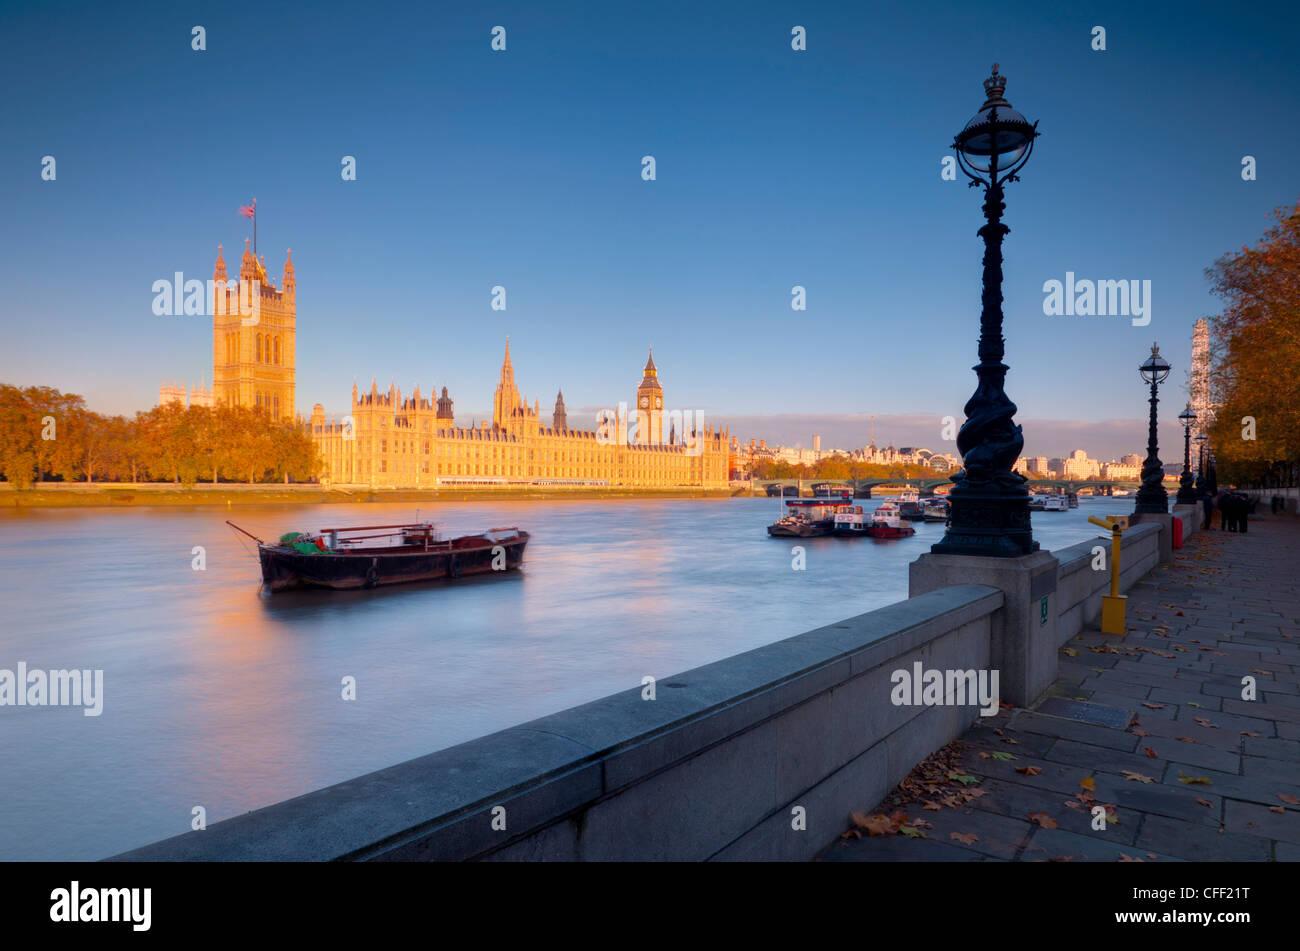 Chambres du Parlement et de la Tamise, Londres, Angleterre, Royaume-Uni, Europe Photo Stock